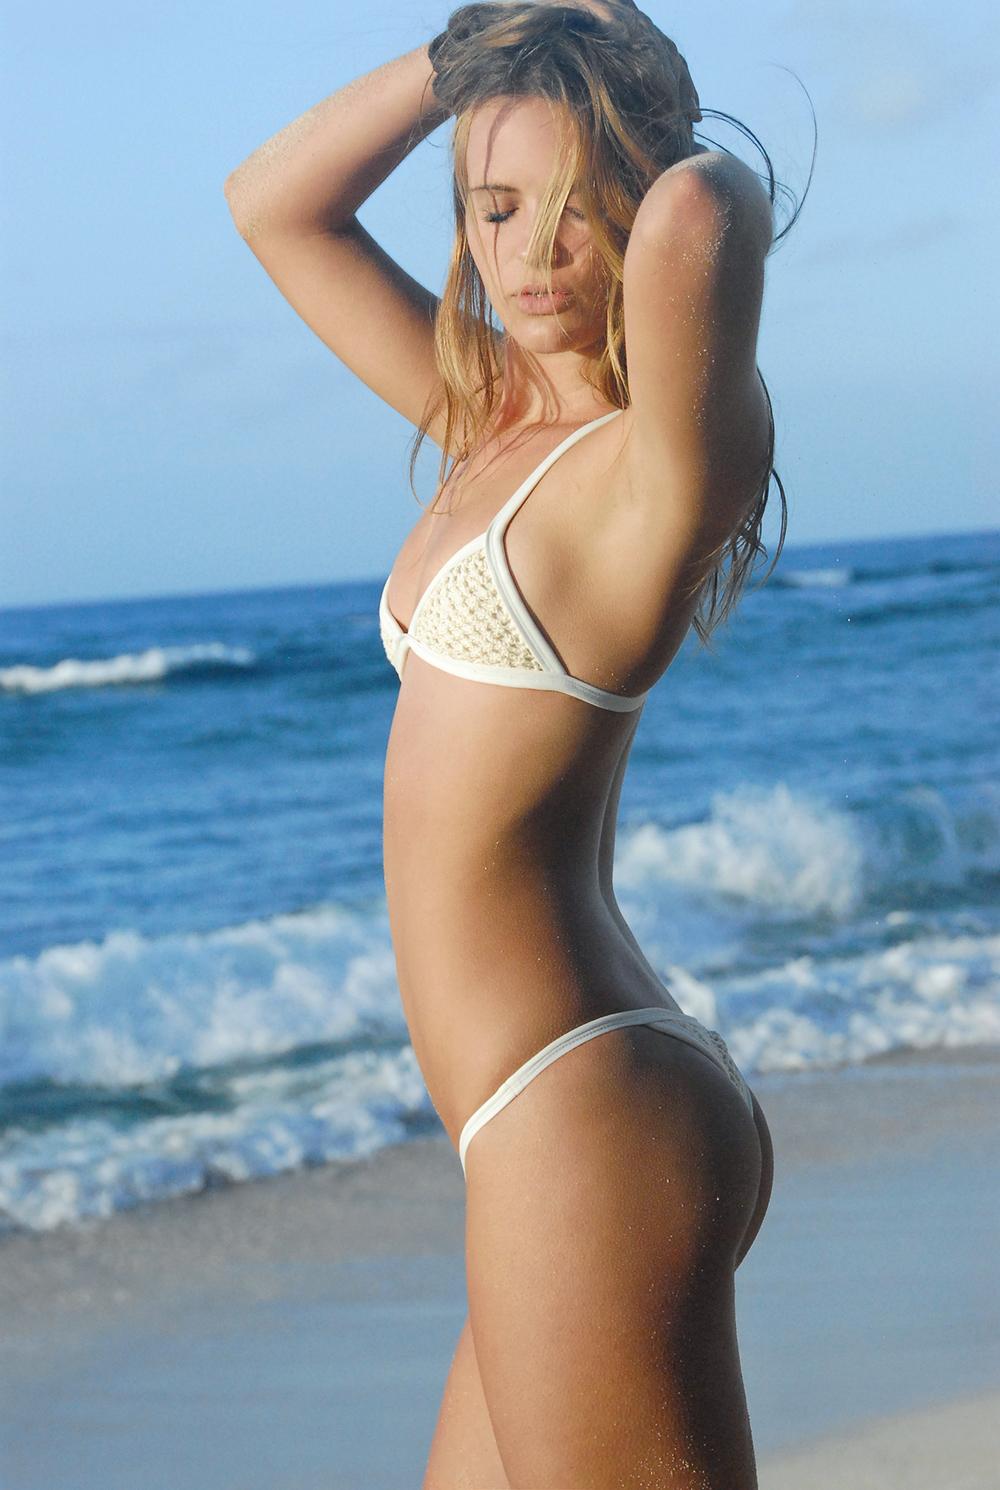 Swimbook_swimsuit_Posh_Pua_Kainalu_Crochet_White_Sand_Hayley_Barcia_DSC_0639.jpg